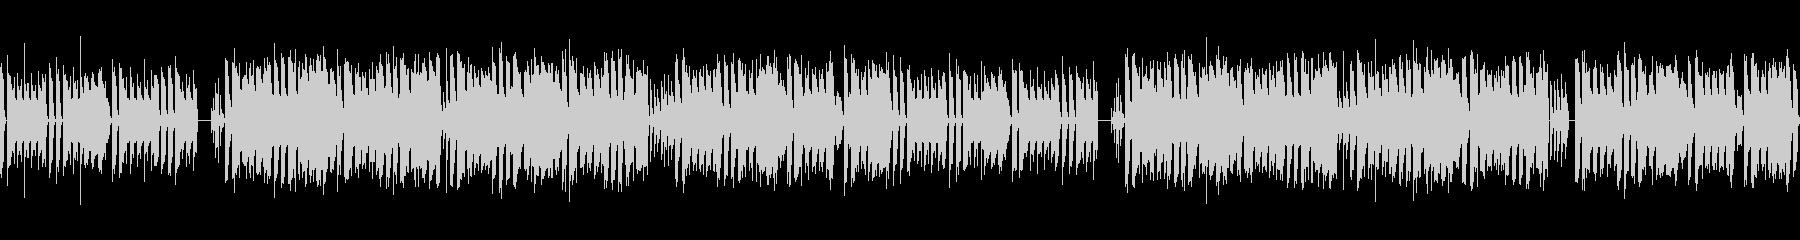 【メインメロ抜】ハッピーコアの未再生の波形